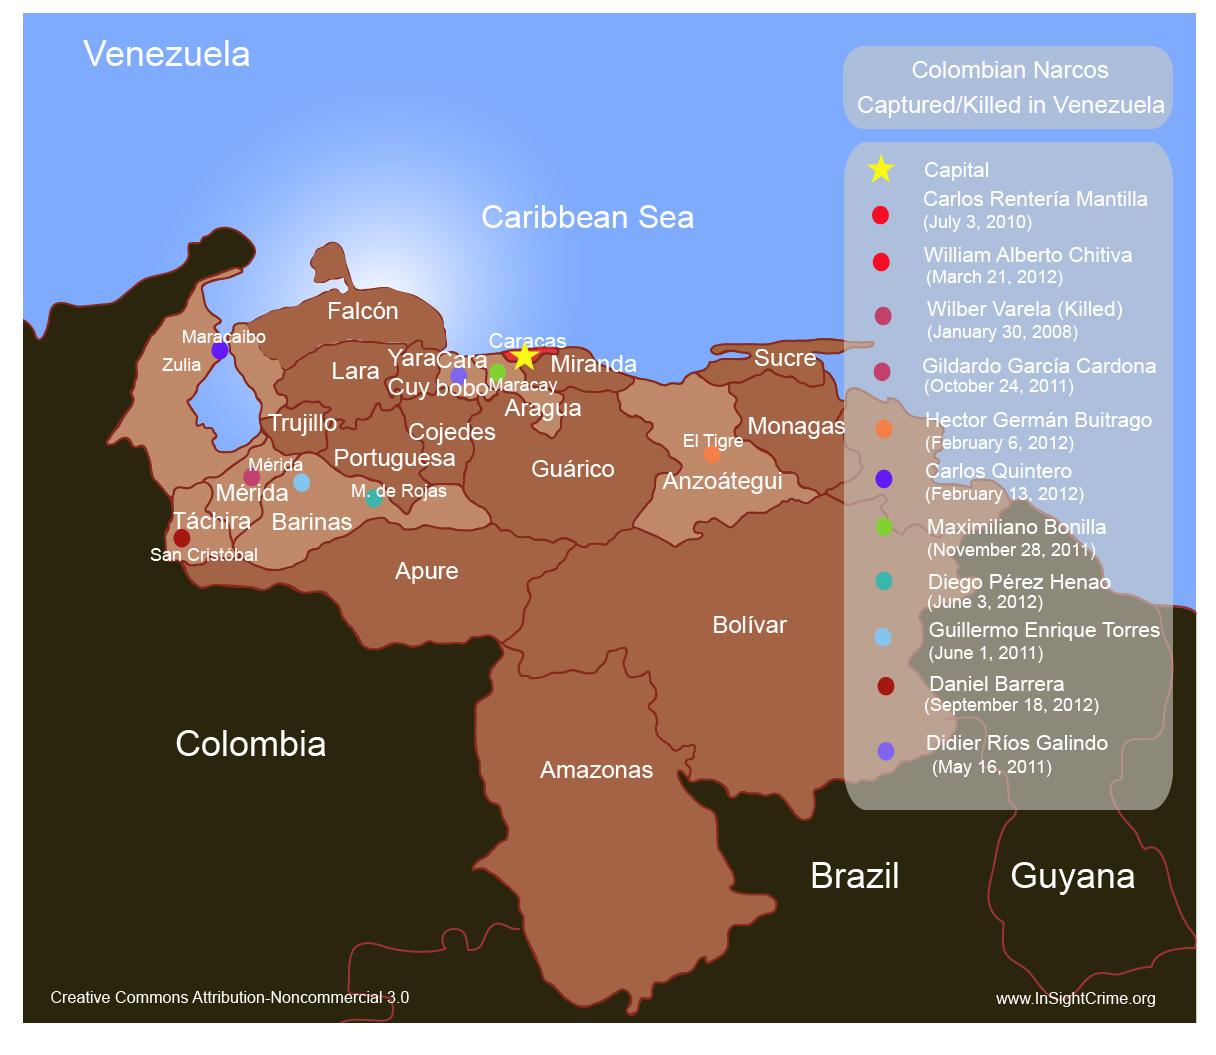 Colombia narcos venezuela2